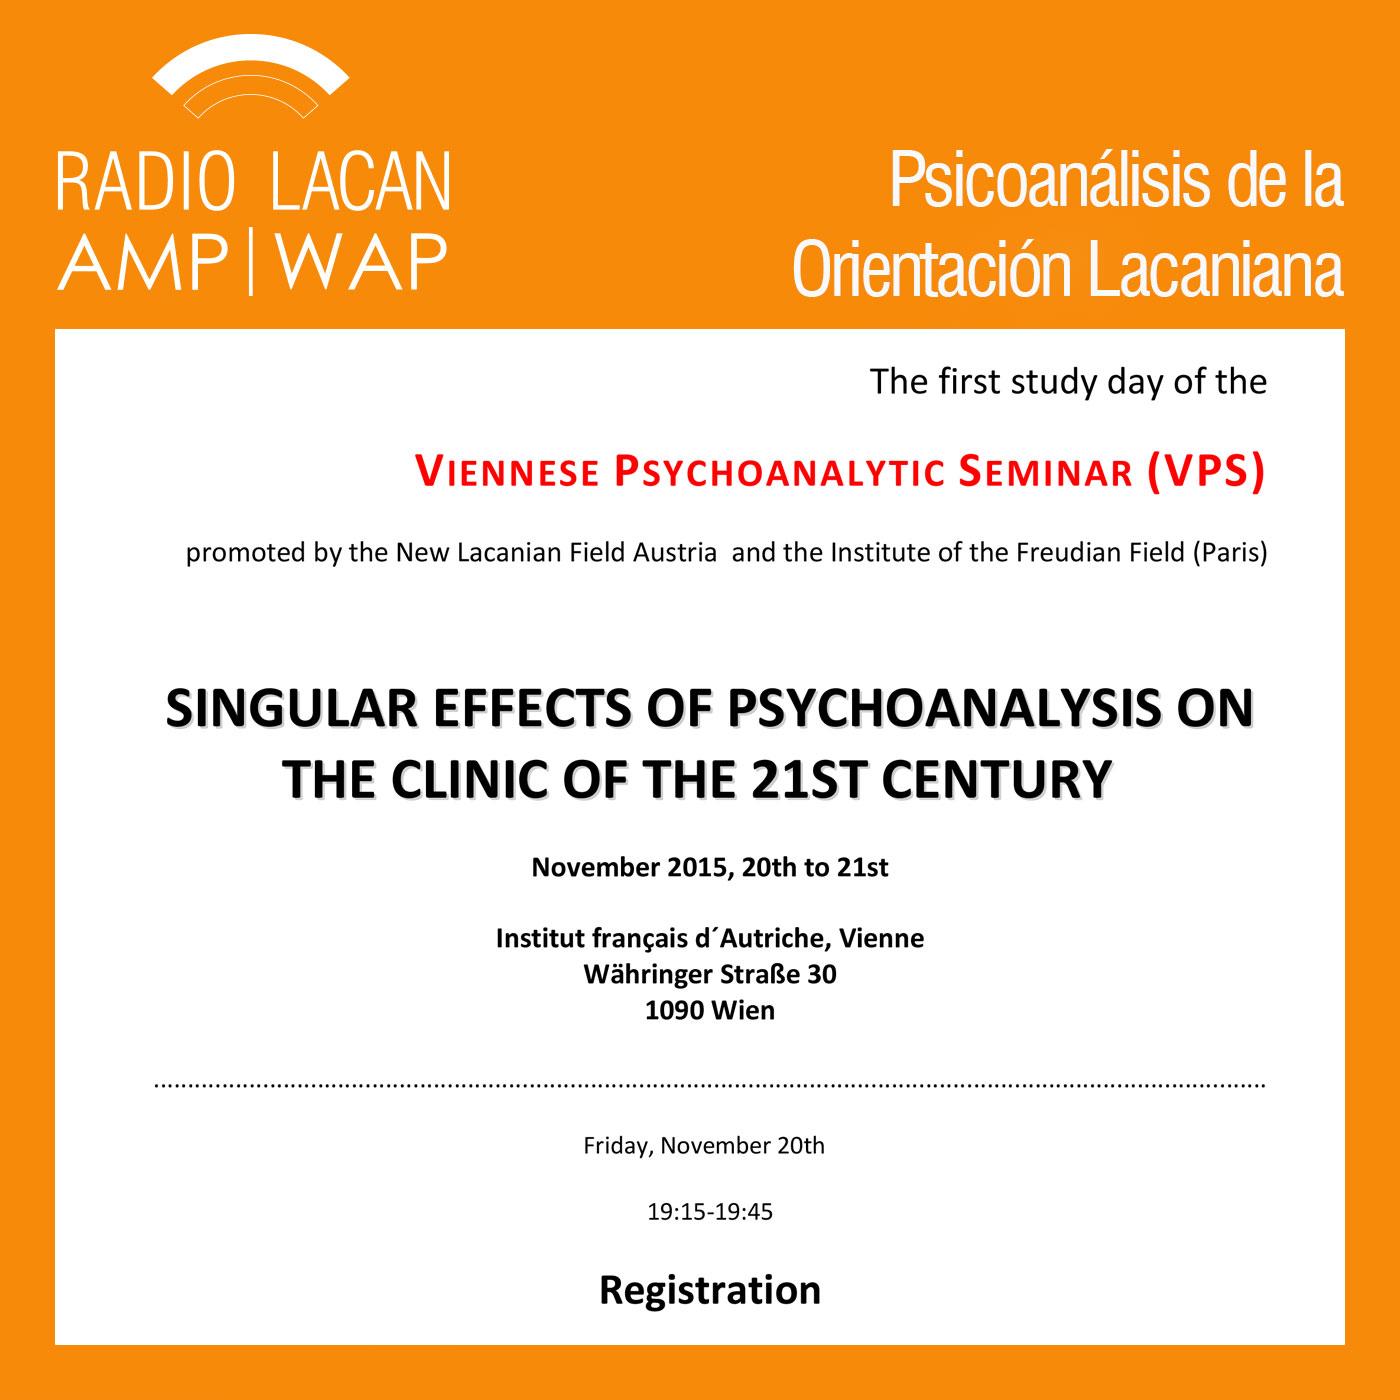 RadioLacan.com | <![CDATA[Primera Jornada del Seminario Psicoanalítico Vienés(VPS): Efectos singulares del psicoanálisis en la clínica del siglo XXI]]>